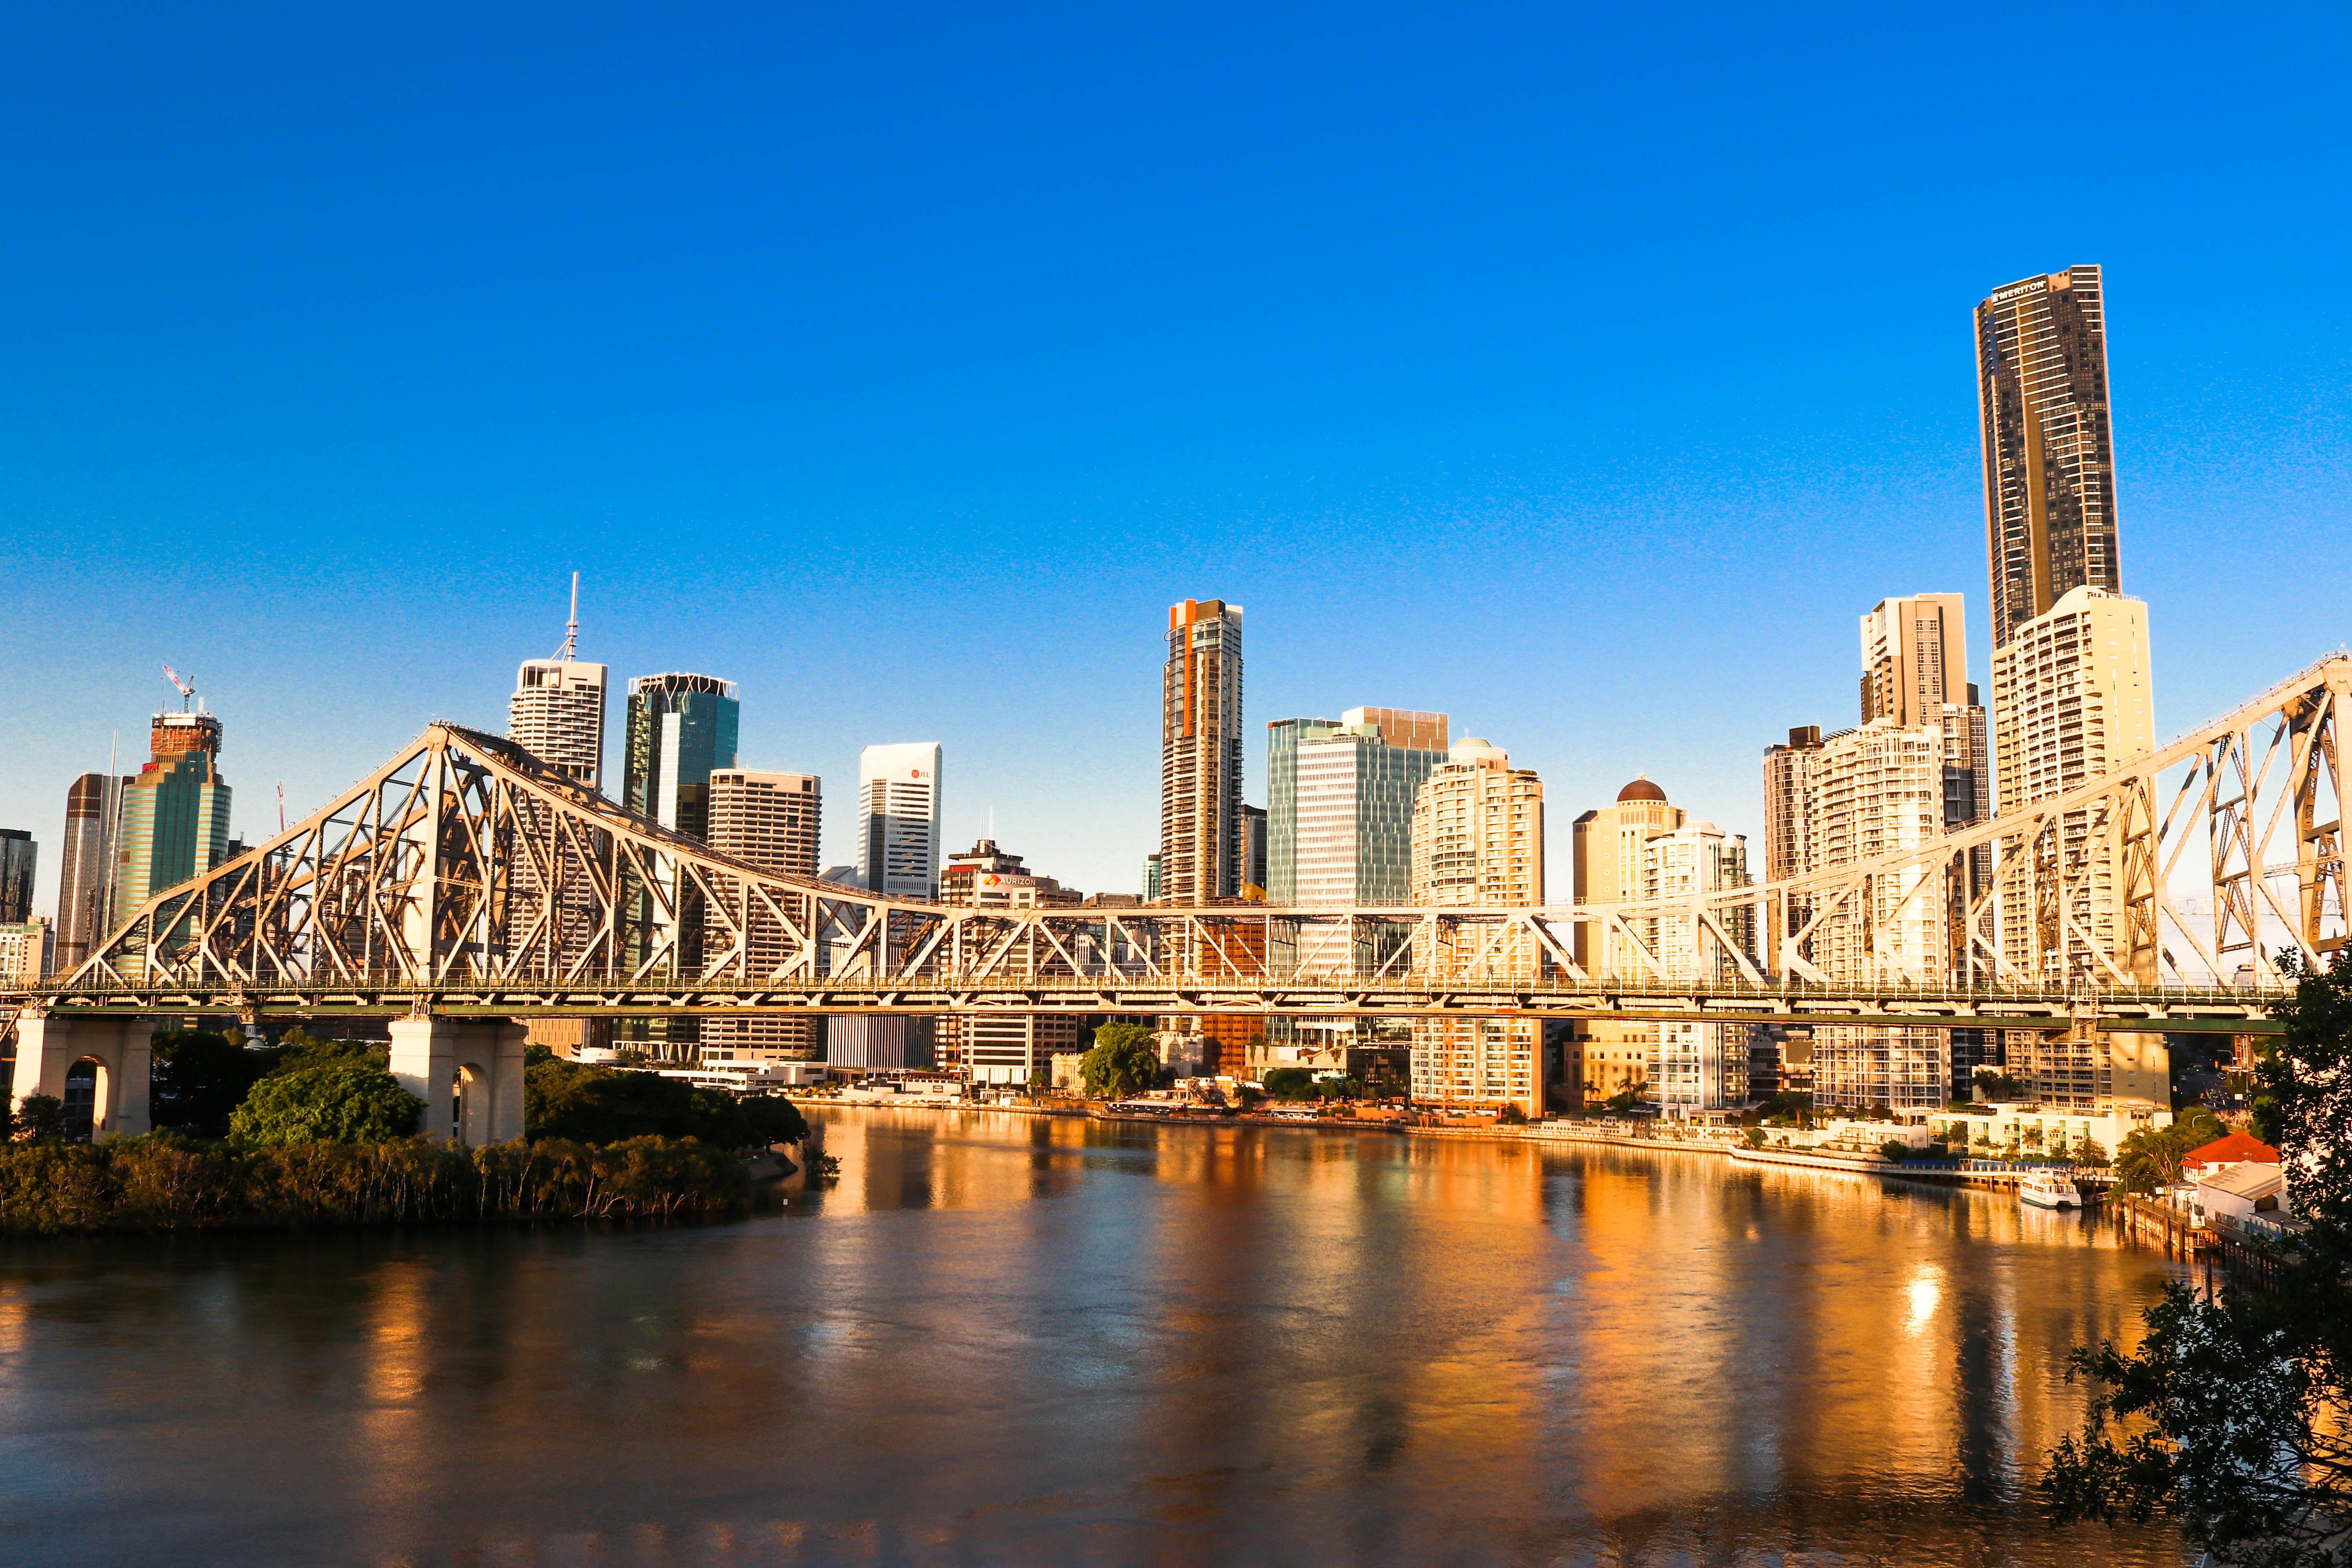 Gray Bridge Near City Buildings